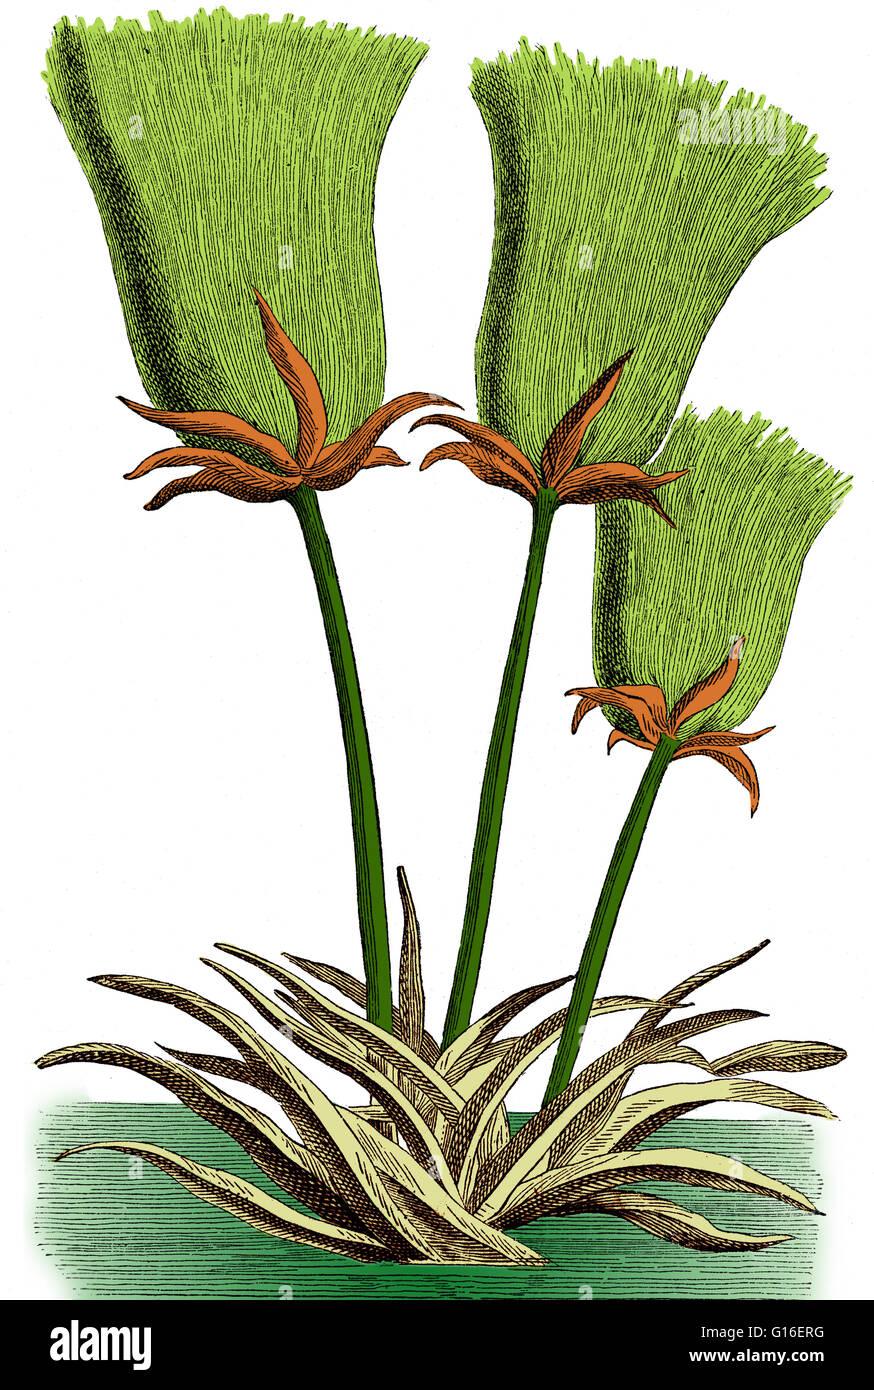 Papyrus Plant Illustration Photos Papyrus Plant